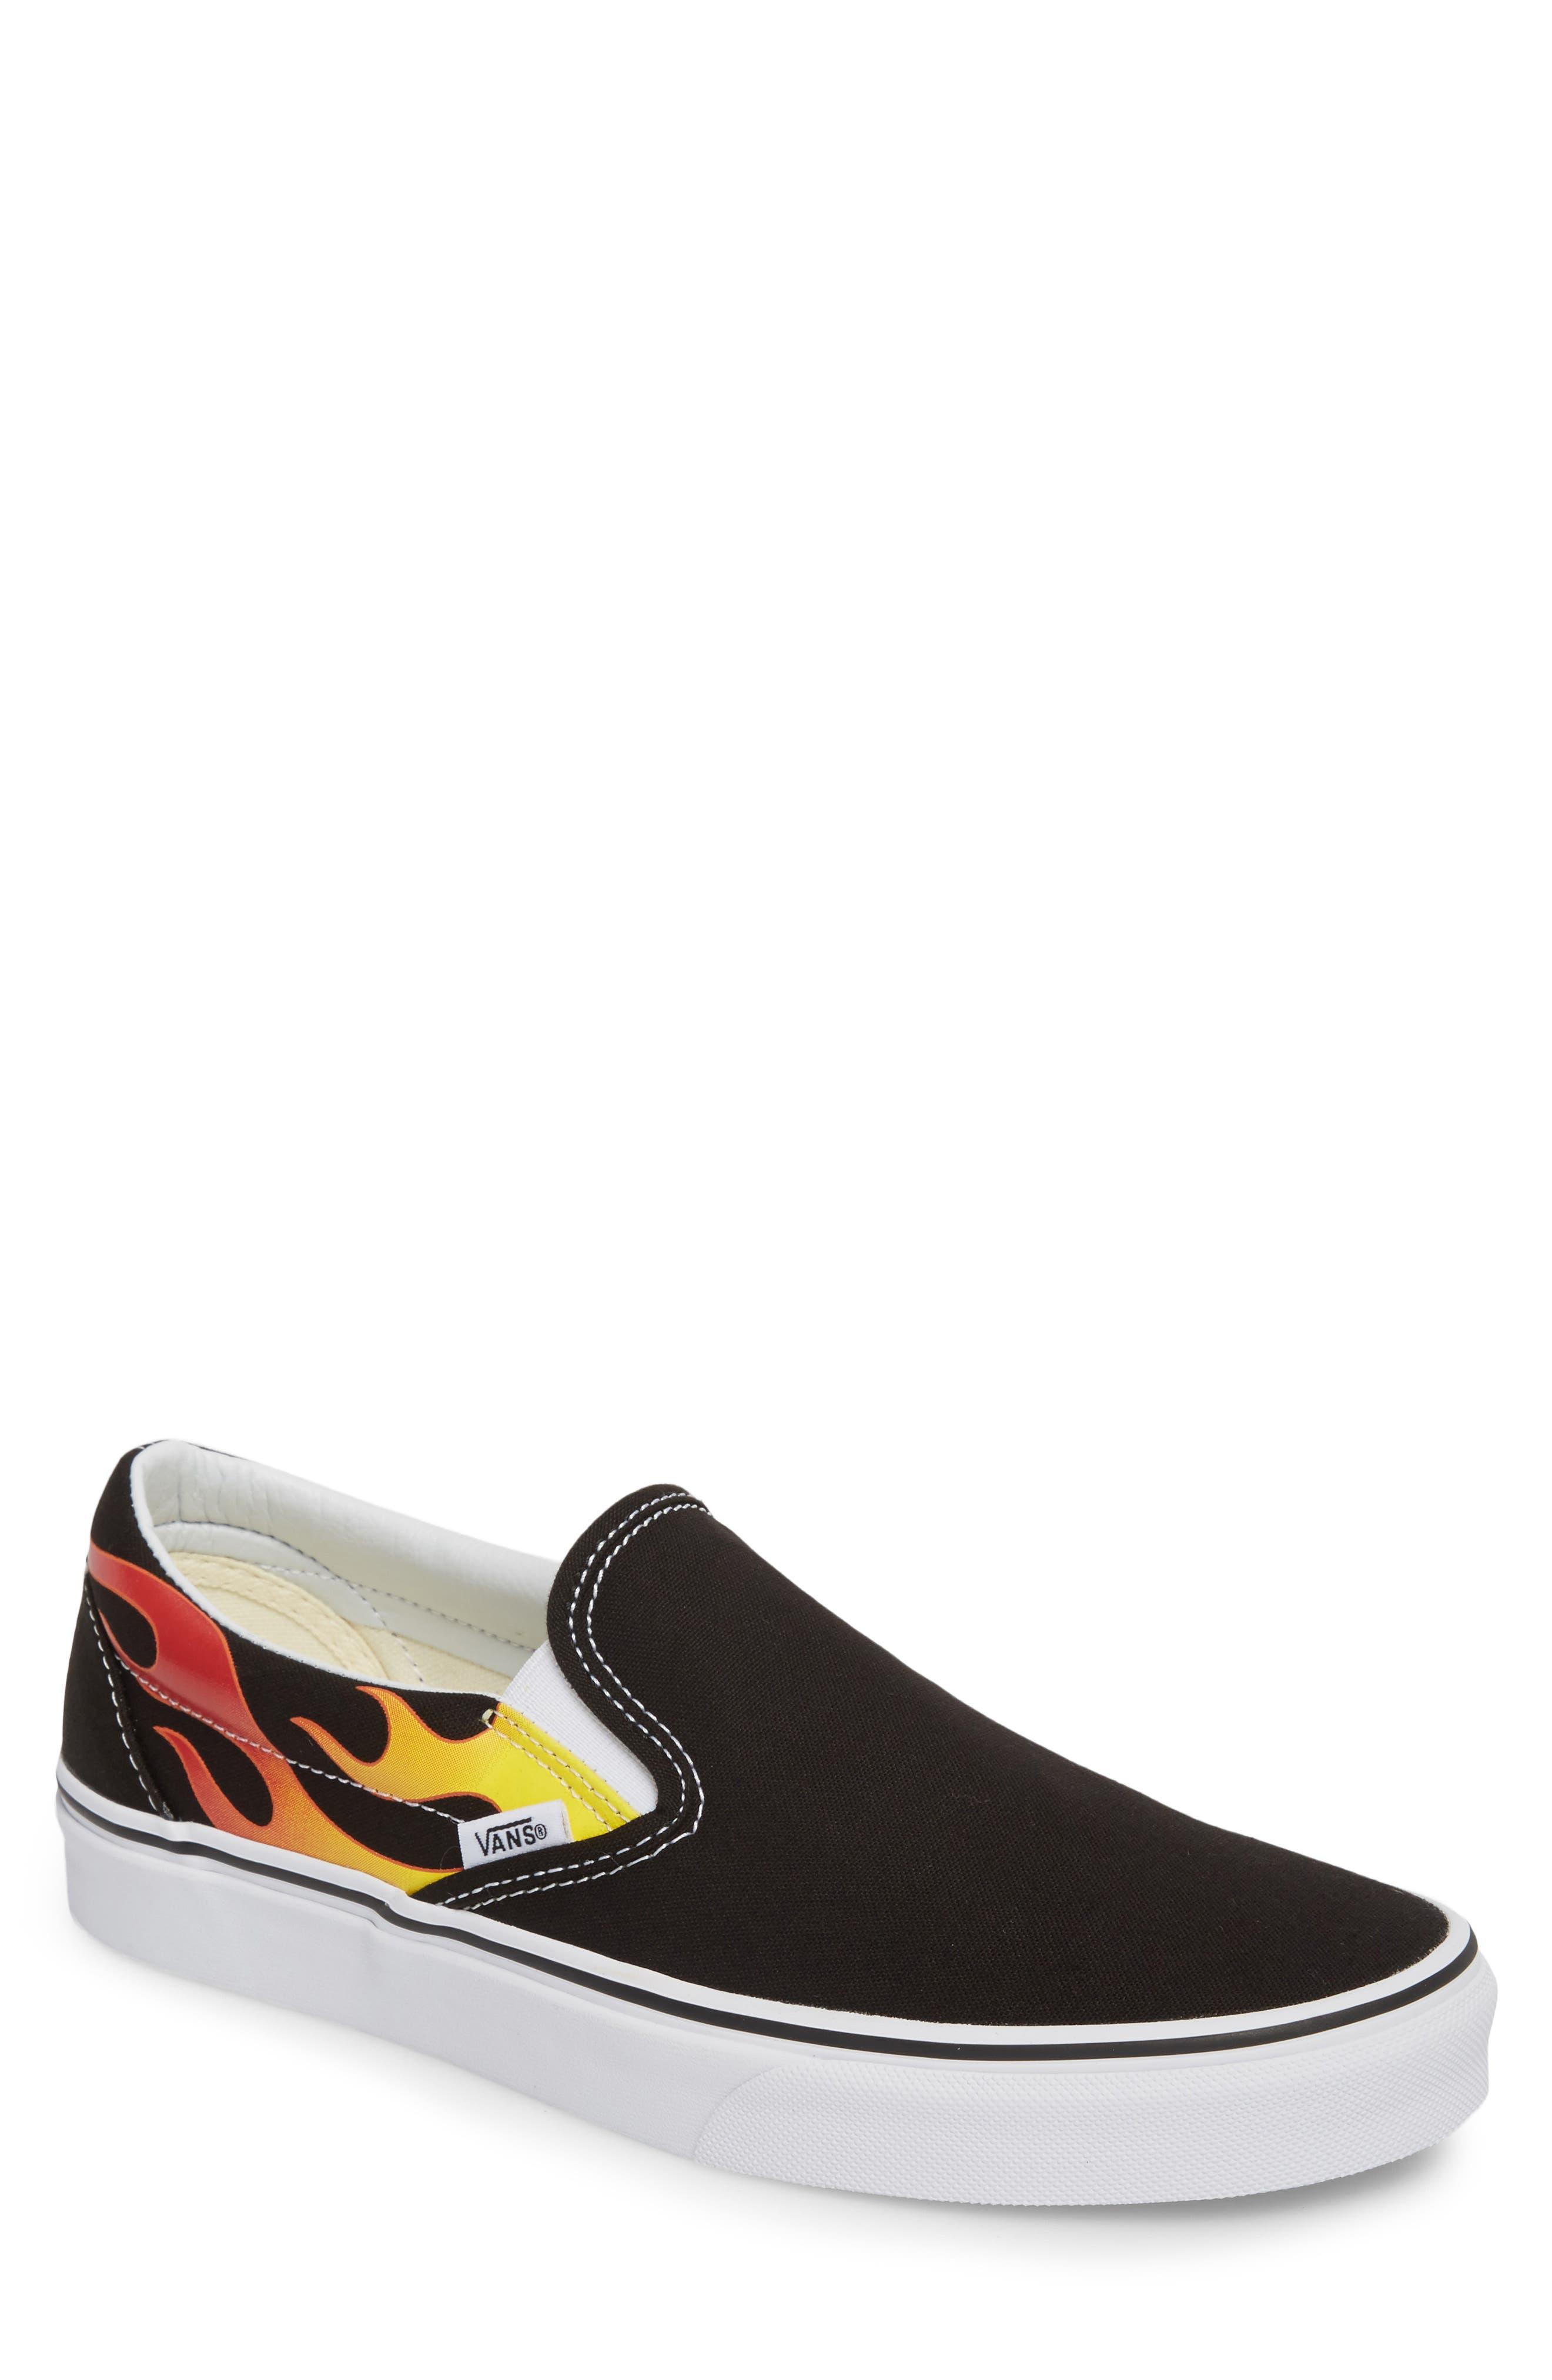 UA Classic Slip-On Sneaker,                             Main thumbnail 1, color,                             Black/ Black/ True White